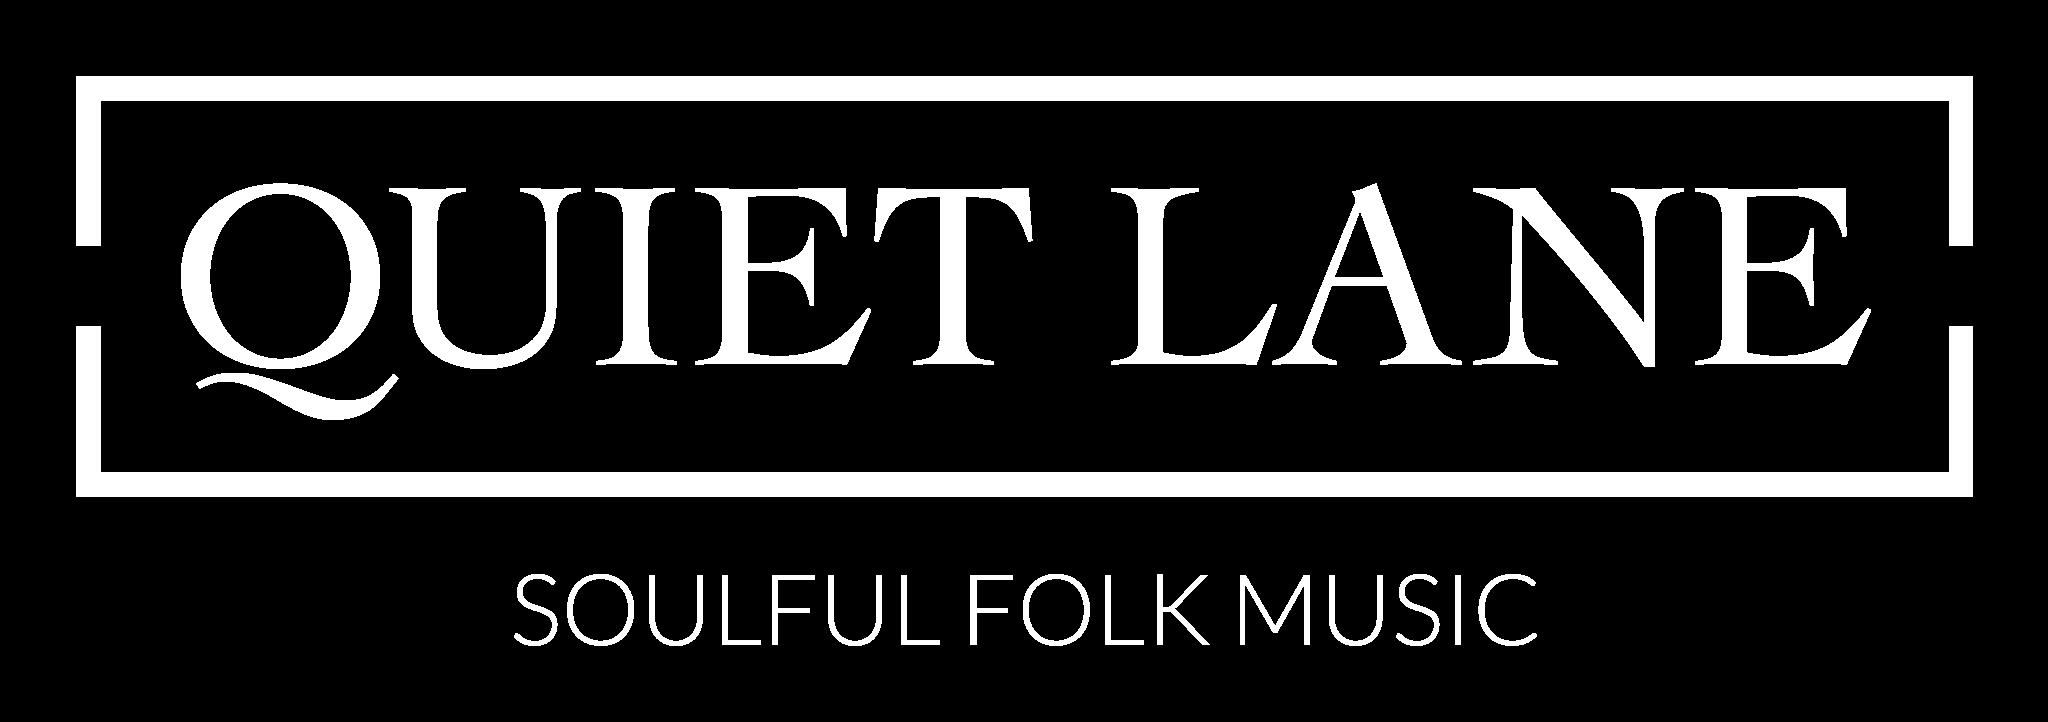 Quiet Lane